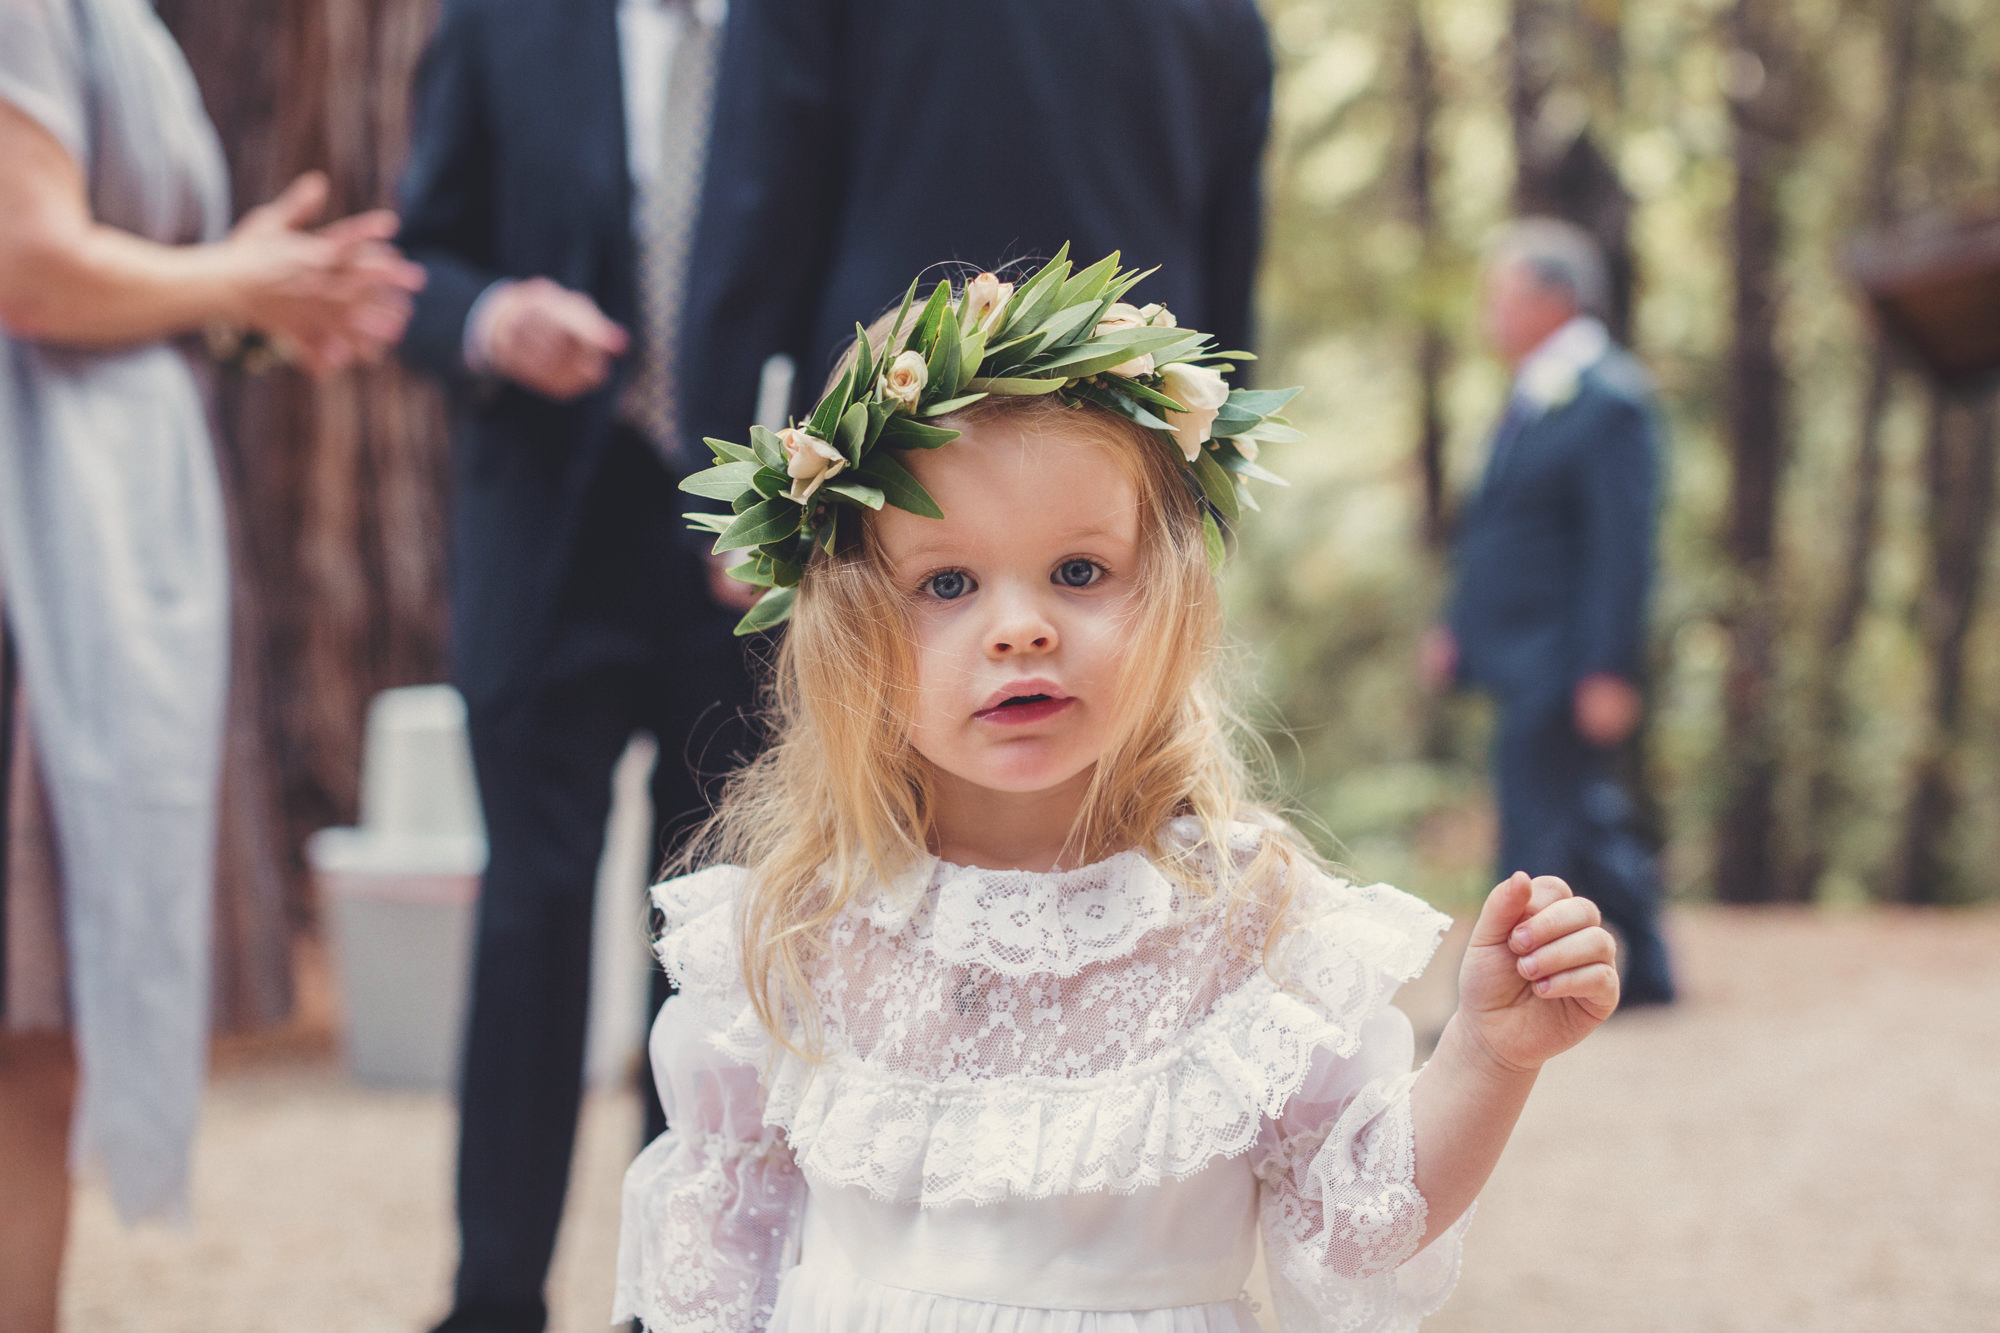 Sequoia Retreat Center Wedding@Anne-Claire Brun 47